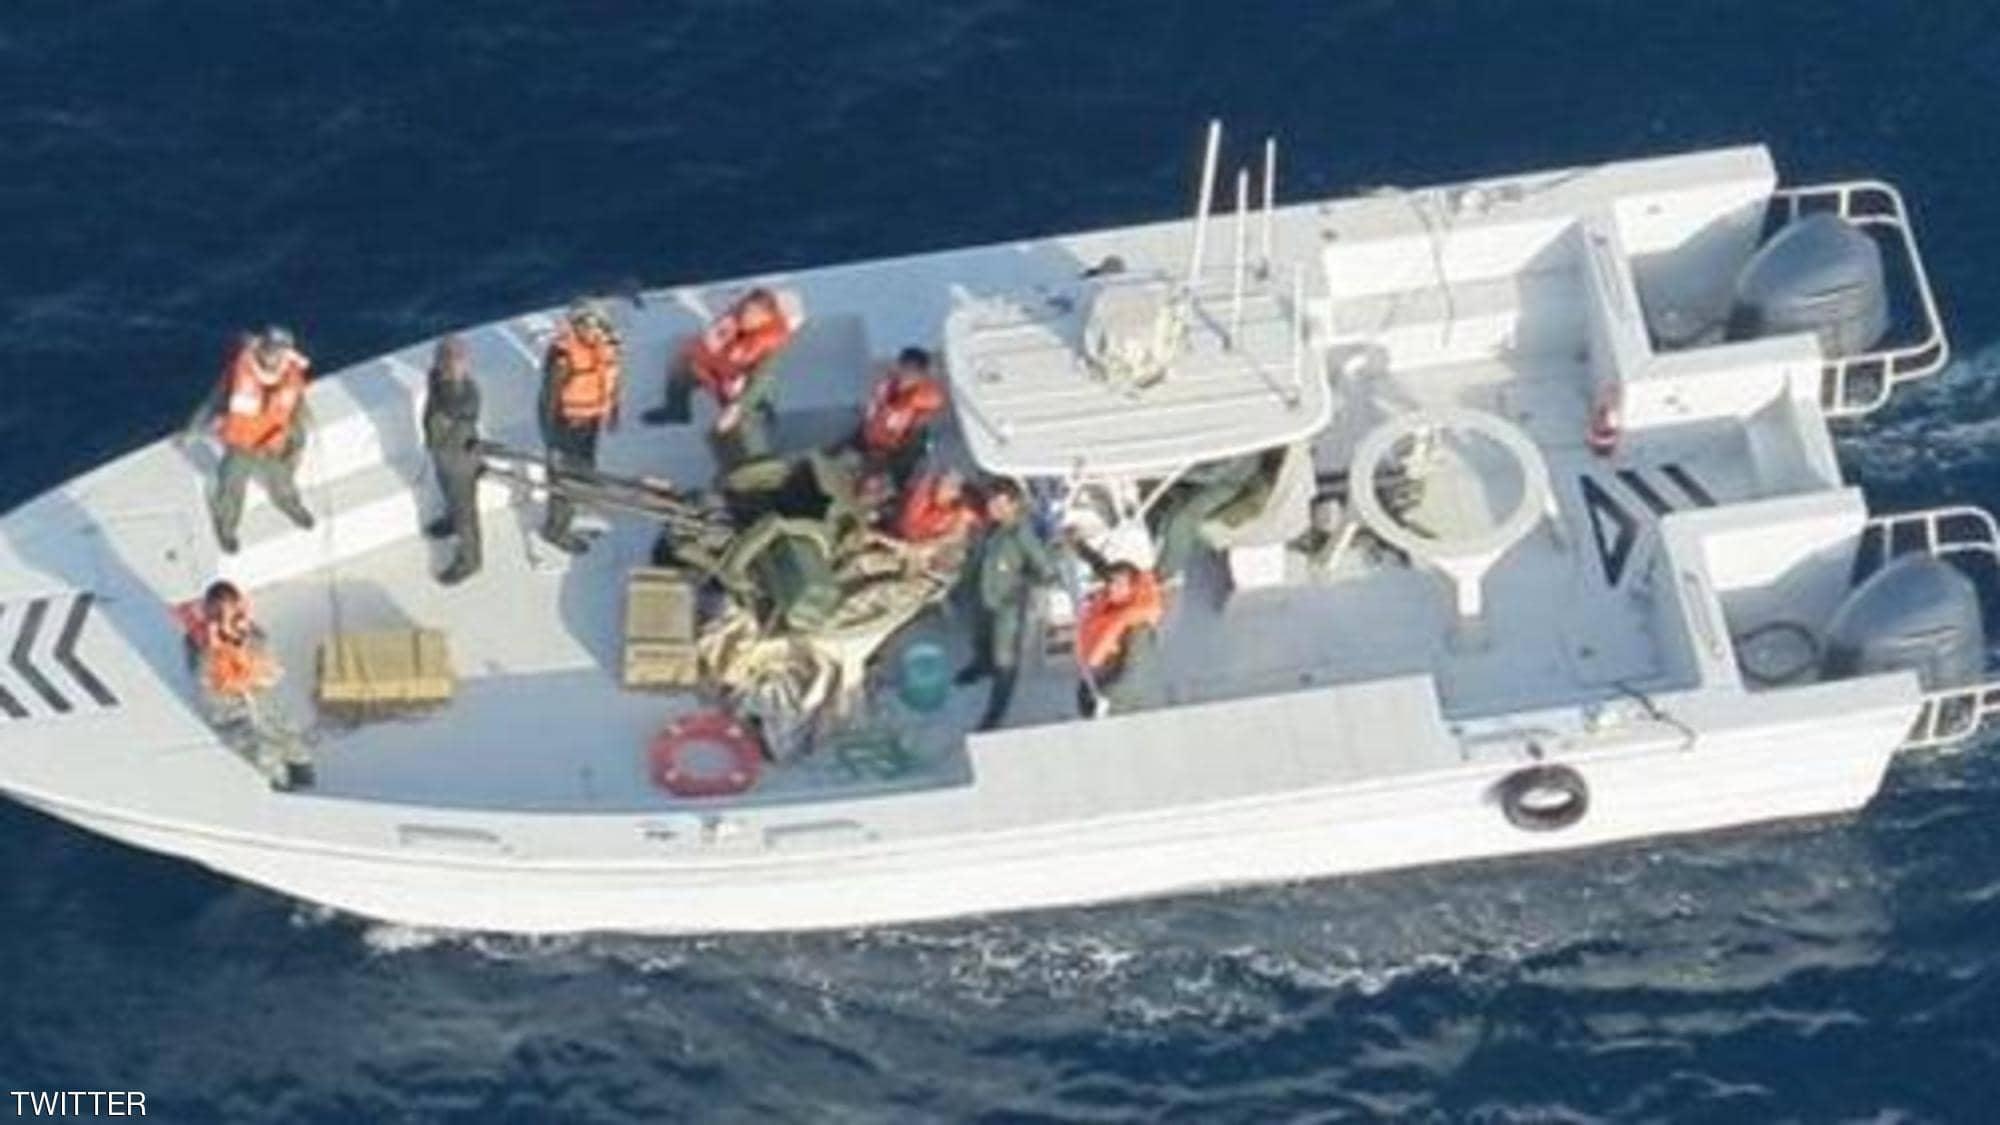 الجيش الأمريكي ينشر صورا جديدة تدين إيران في هجوم بحر عمان